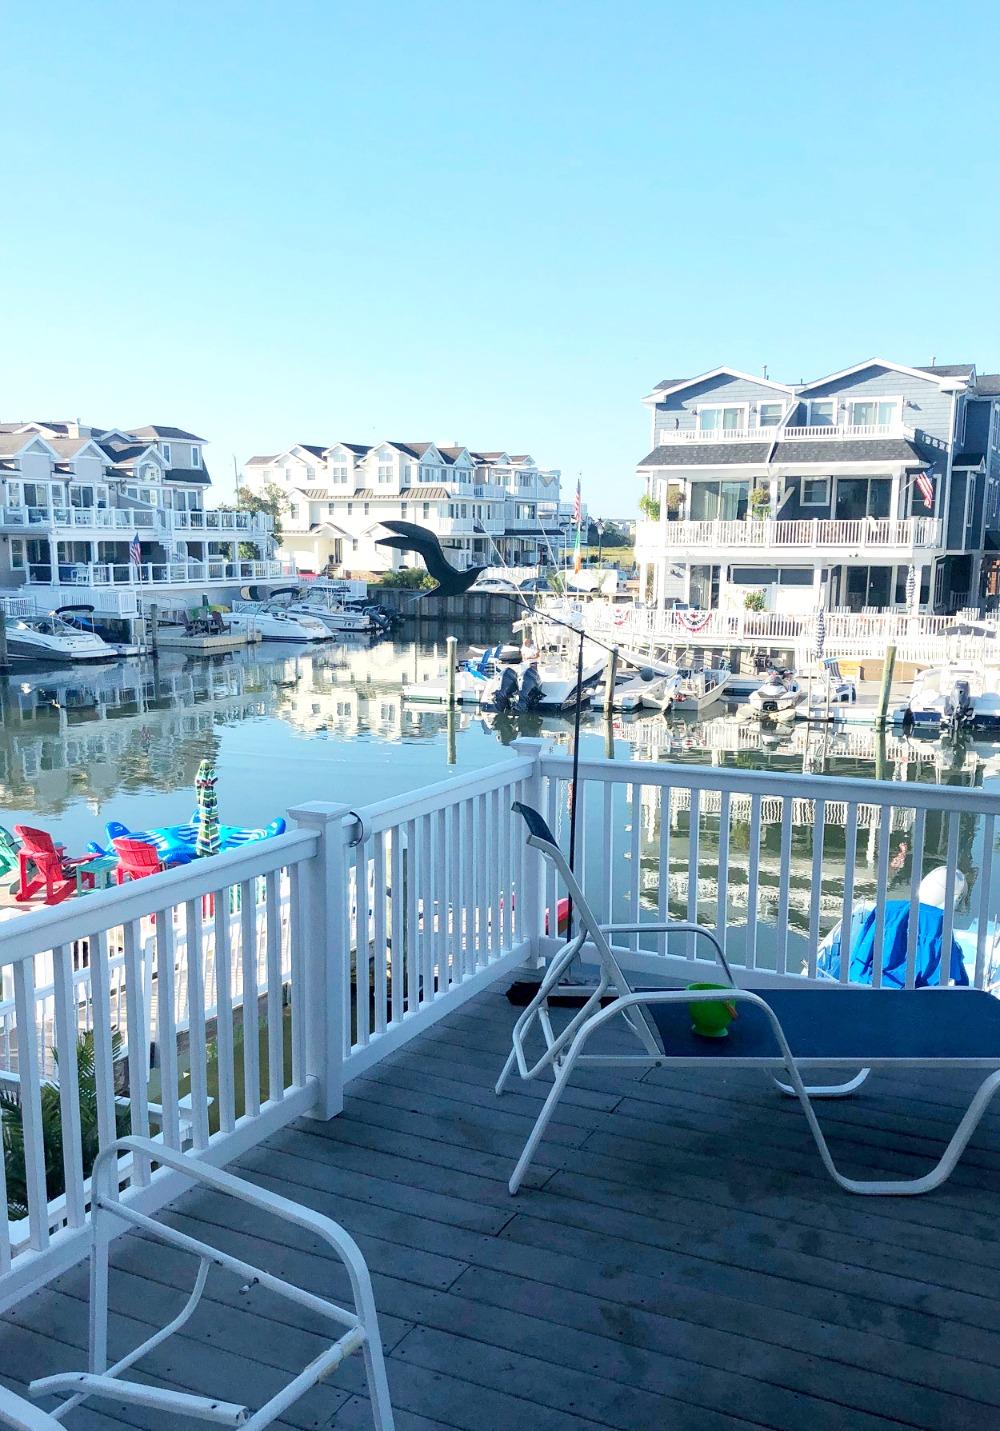 Jersey Shore Photo Diary I Sea Isle City #Travel #TravelBlogger